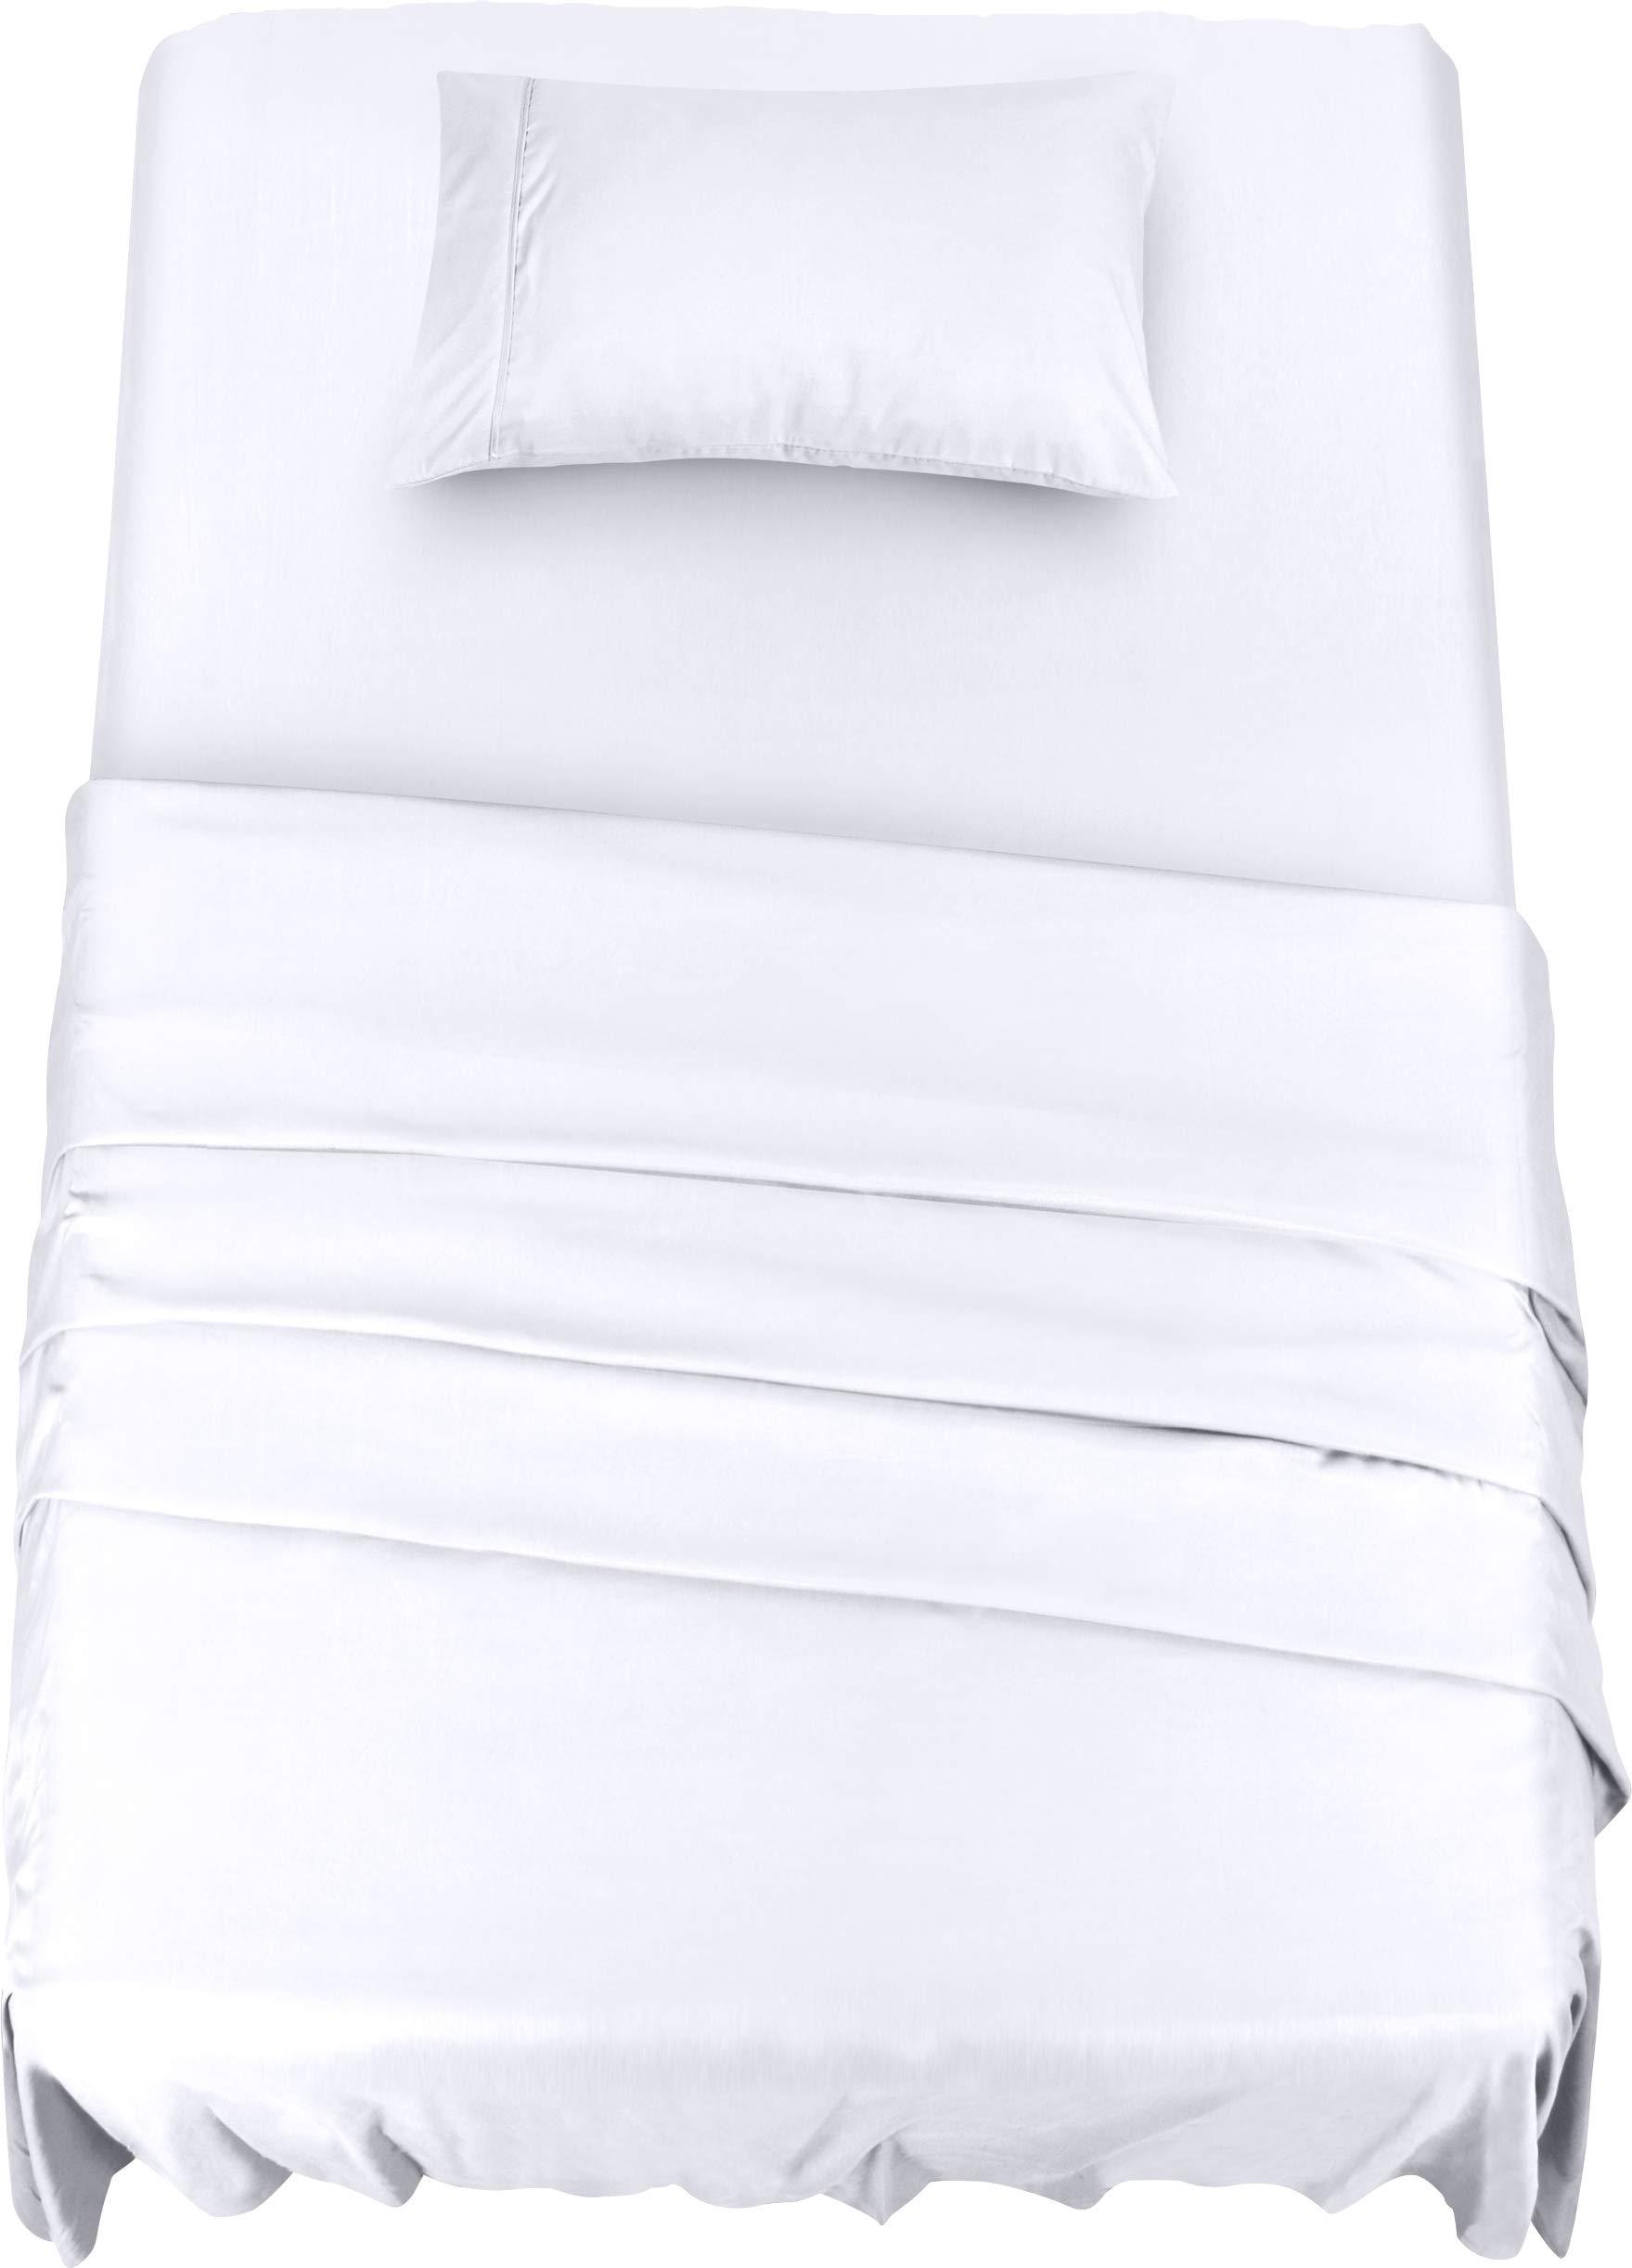 1 FULL SIZE SHEET SET bright white heavy brushed microfiber wrinklefree